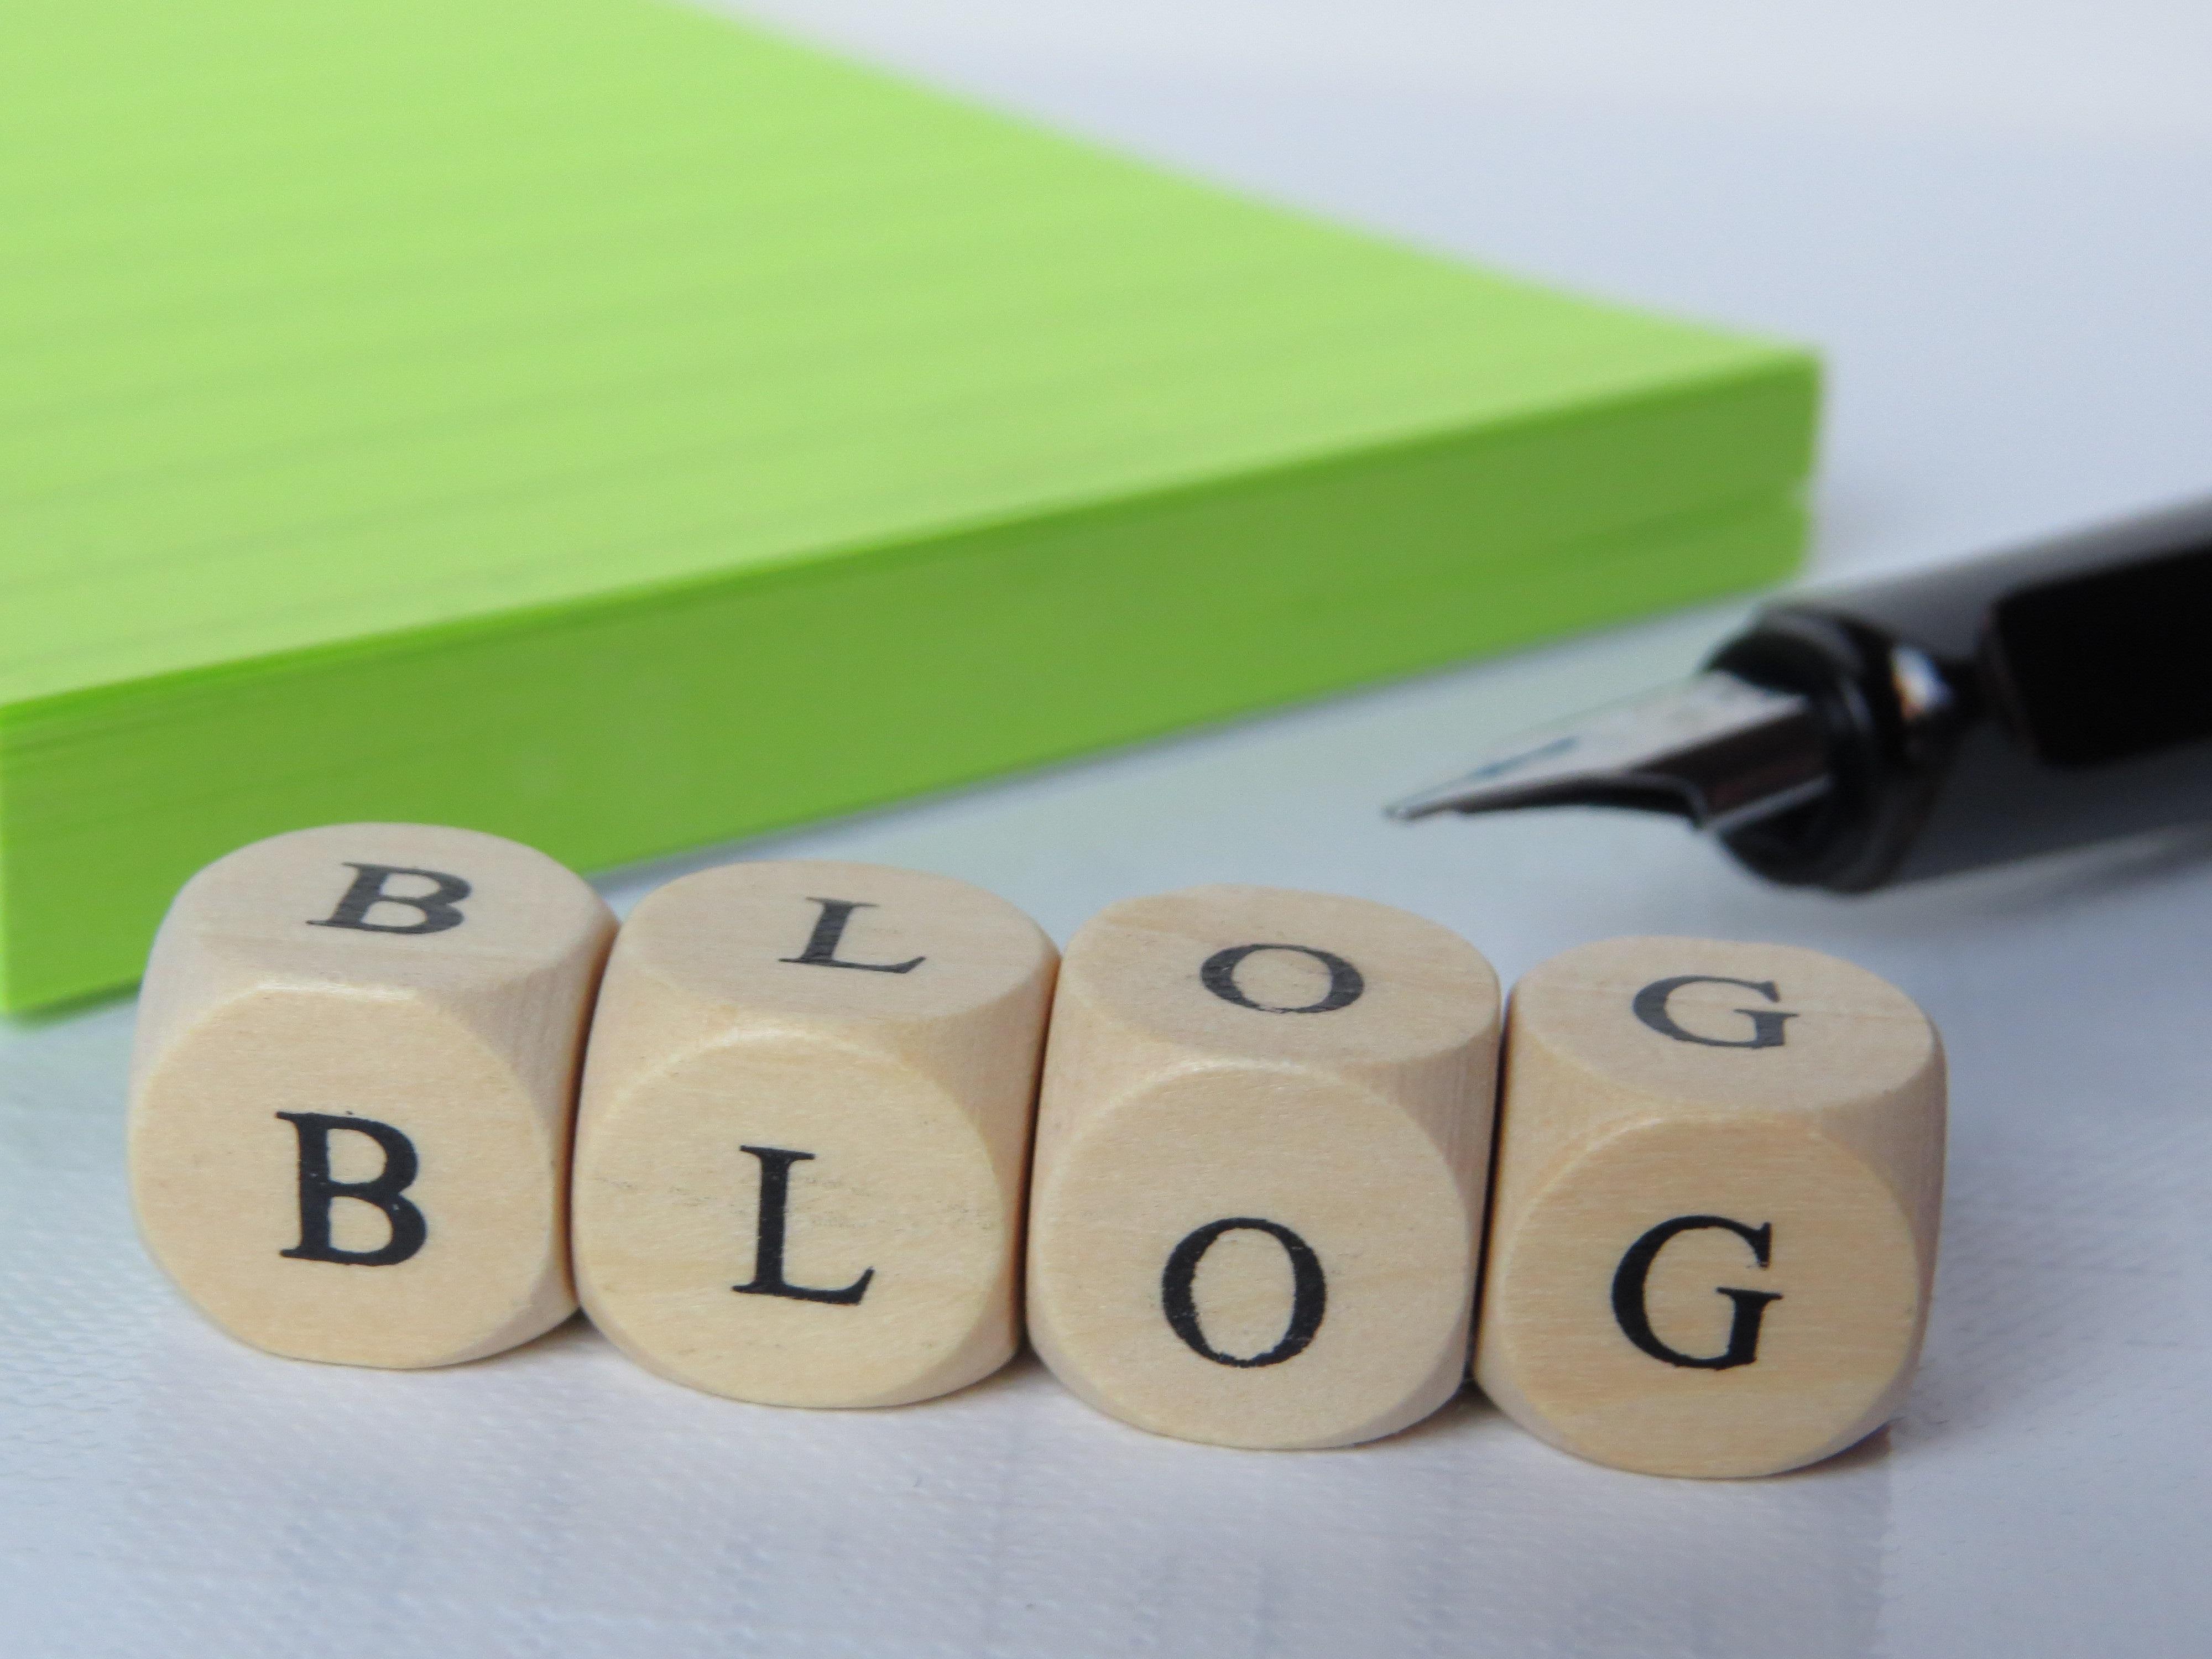 Arrondissez vos fins de mois : Gagner de l'argent avec votre Blog sur Jeunesfooteux.com !